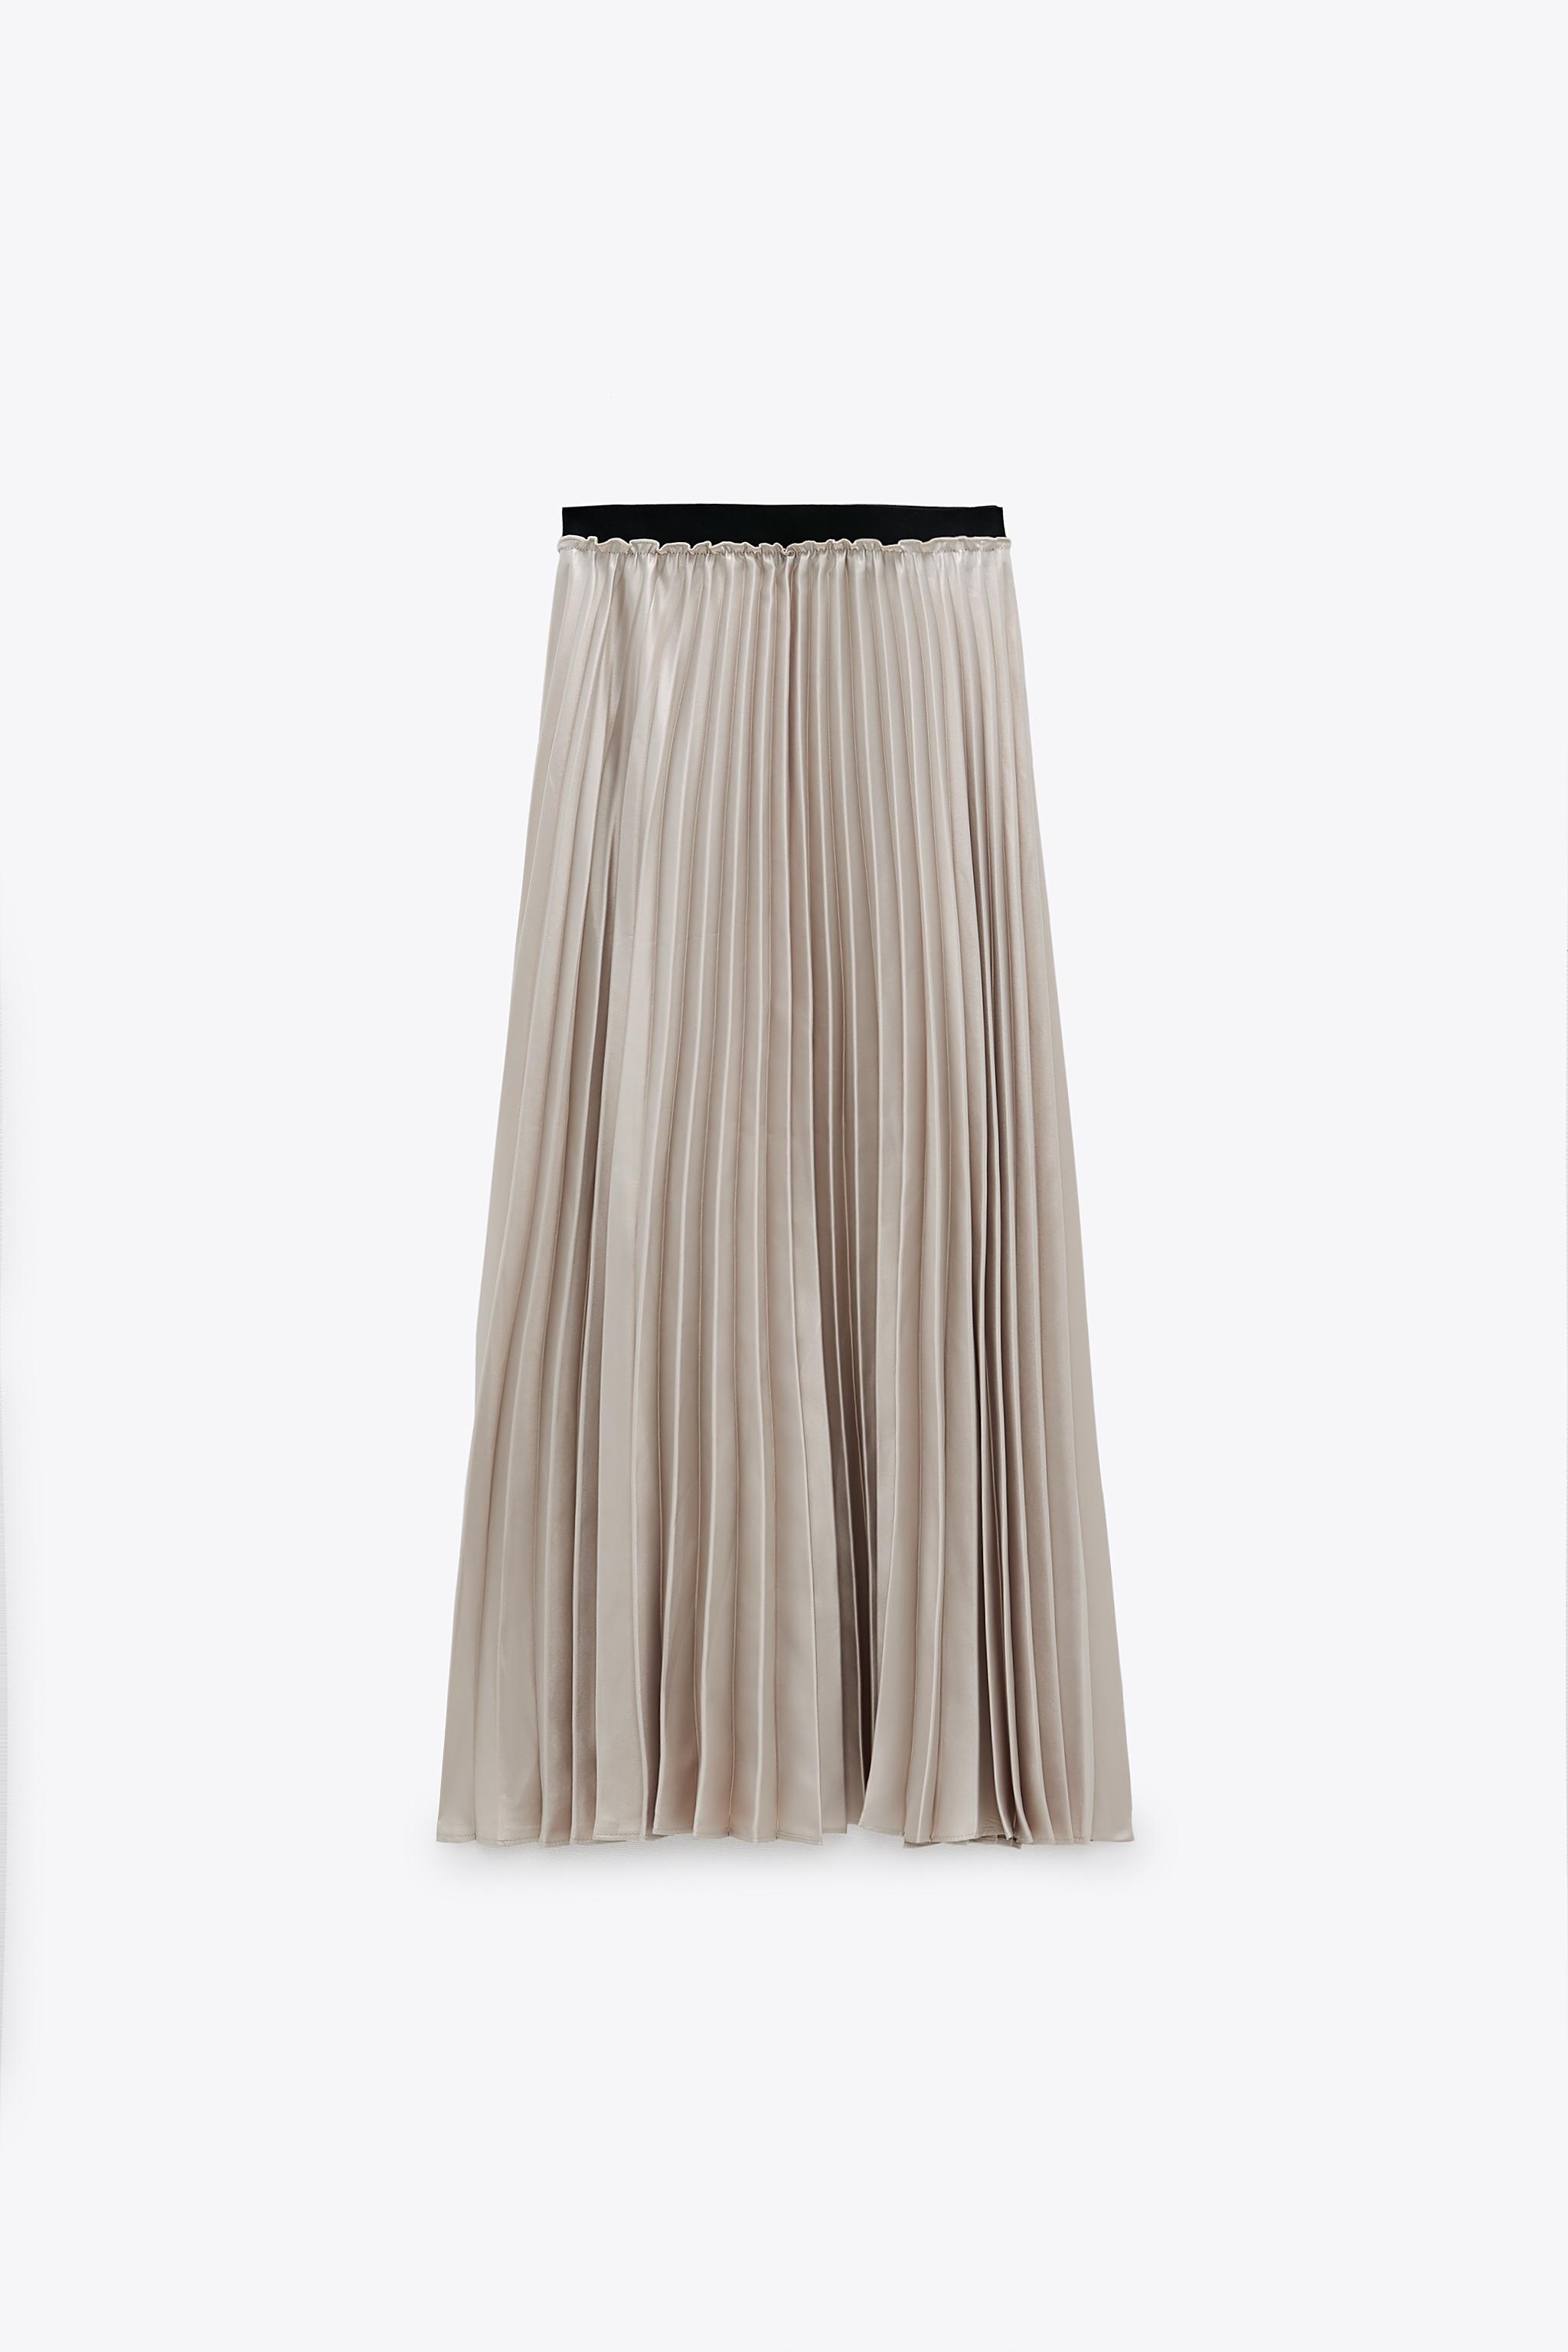 Falda metalizada de Zara (39,95 euros).